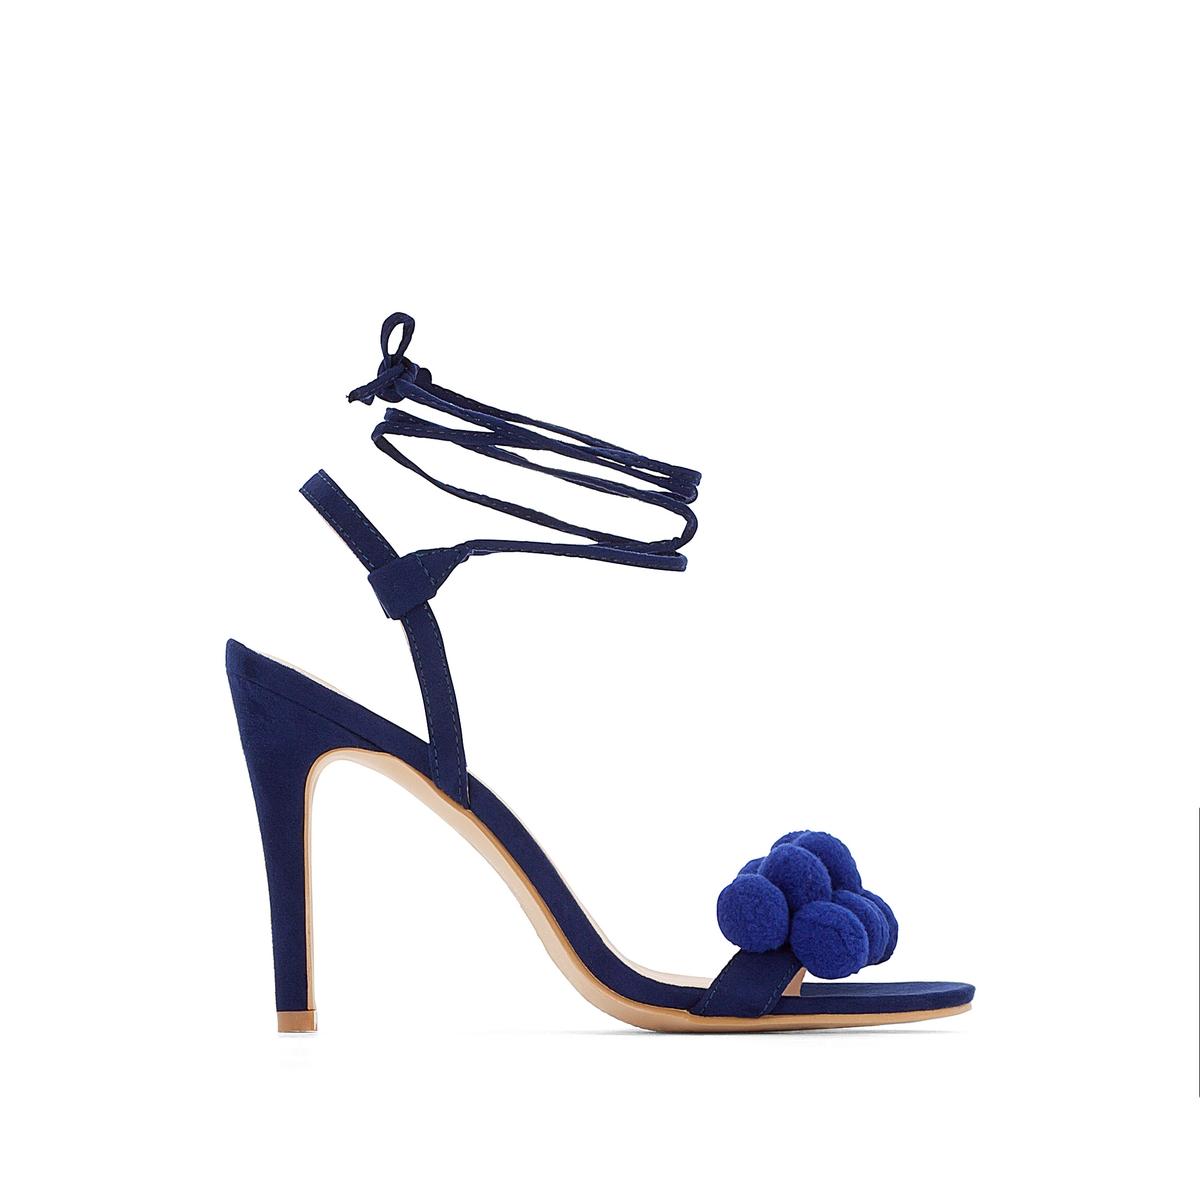 Босоножки на высоком каблуке с кисточкамиВерх/Голенище : синтетика                  Подкладка : синтетика                  Стелька : синтетика                  Подошва : эластомер                  Высота каблука : 9 см                  Форма каблука : шпилька                  Мысок : открытый мысок                  Застежка : завязки<br><br>Цвет: синий морской